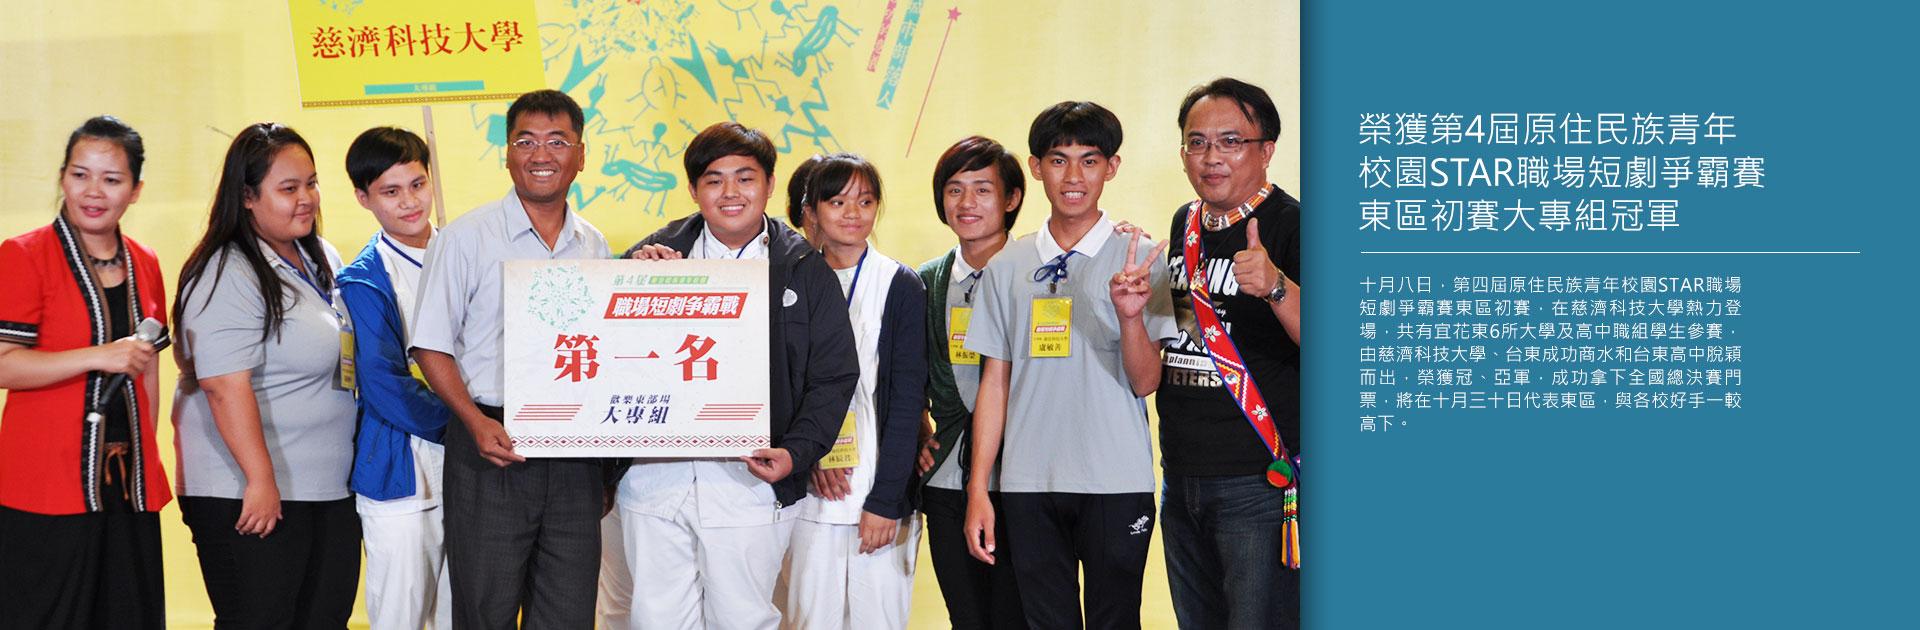 榮獲第4屆原住民族青年校園STAR職場短劇爭霸賽東區初賽大專組冠軍